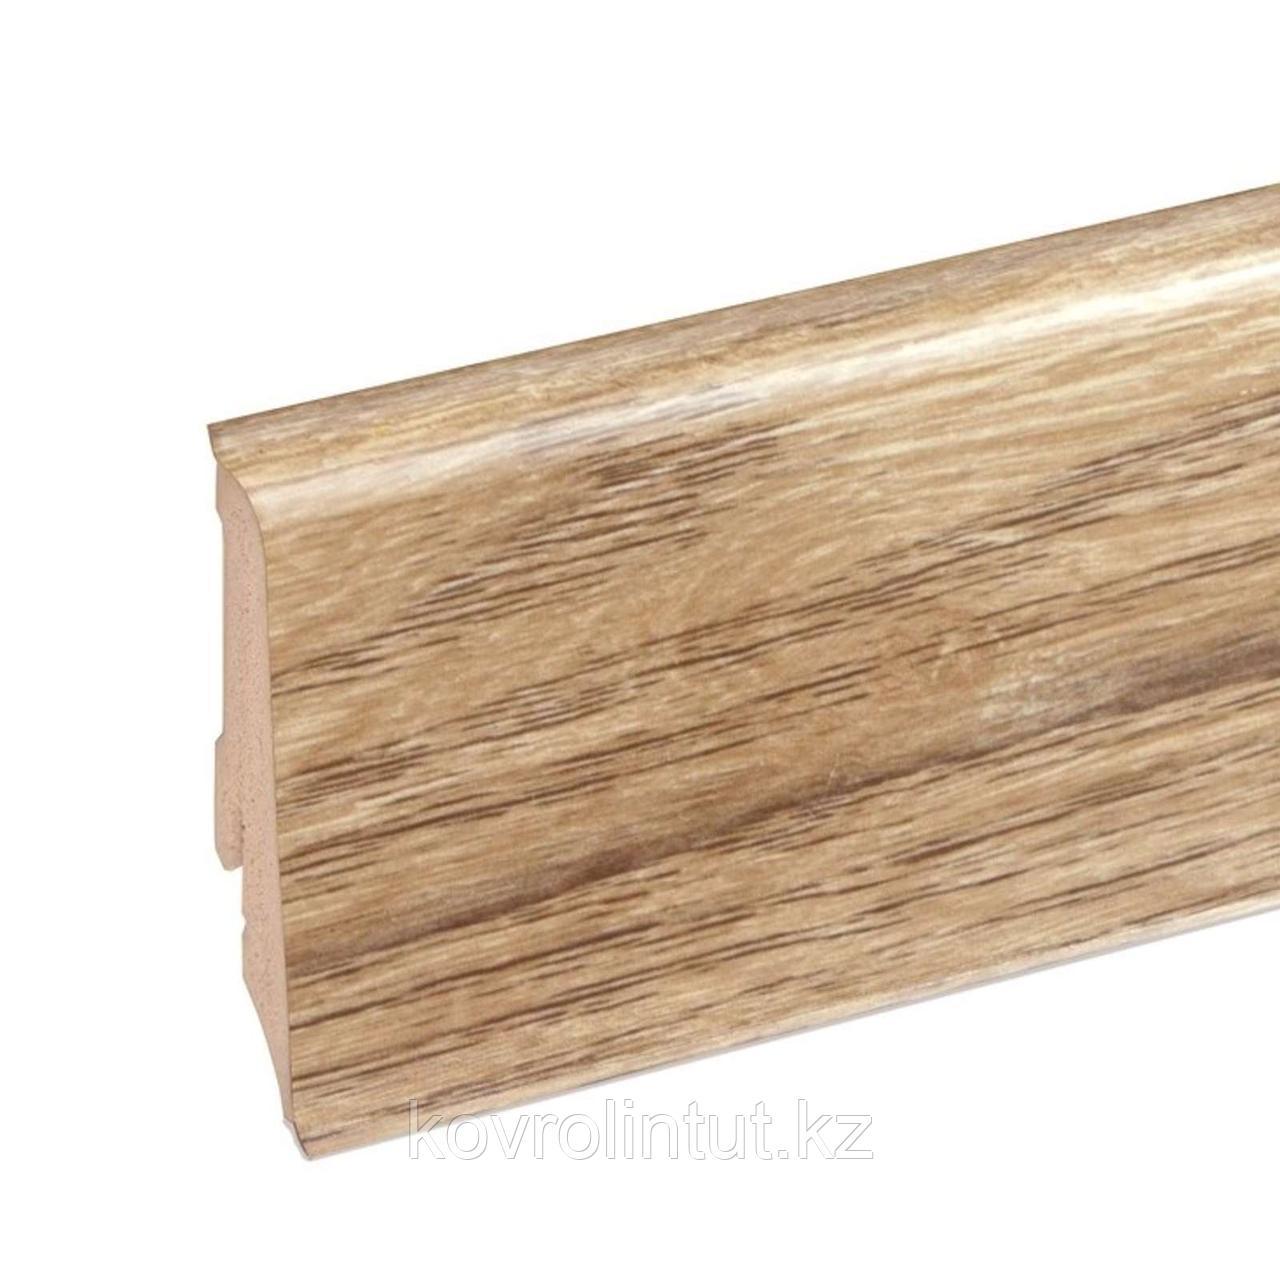 Плинтус композитный для LVT Neuhofer Holz, K0210L, 714466, 2400х59х17 мм